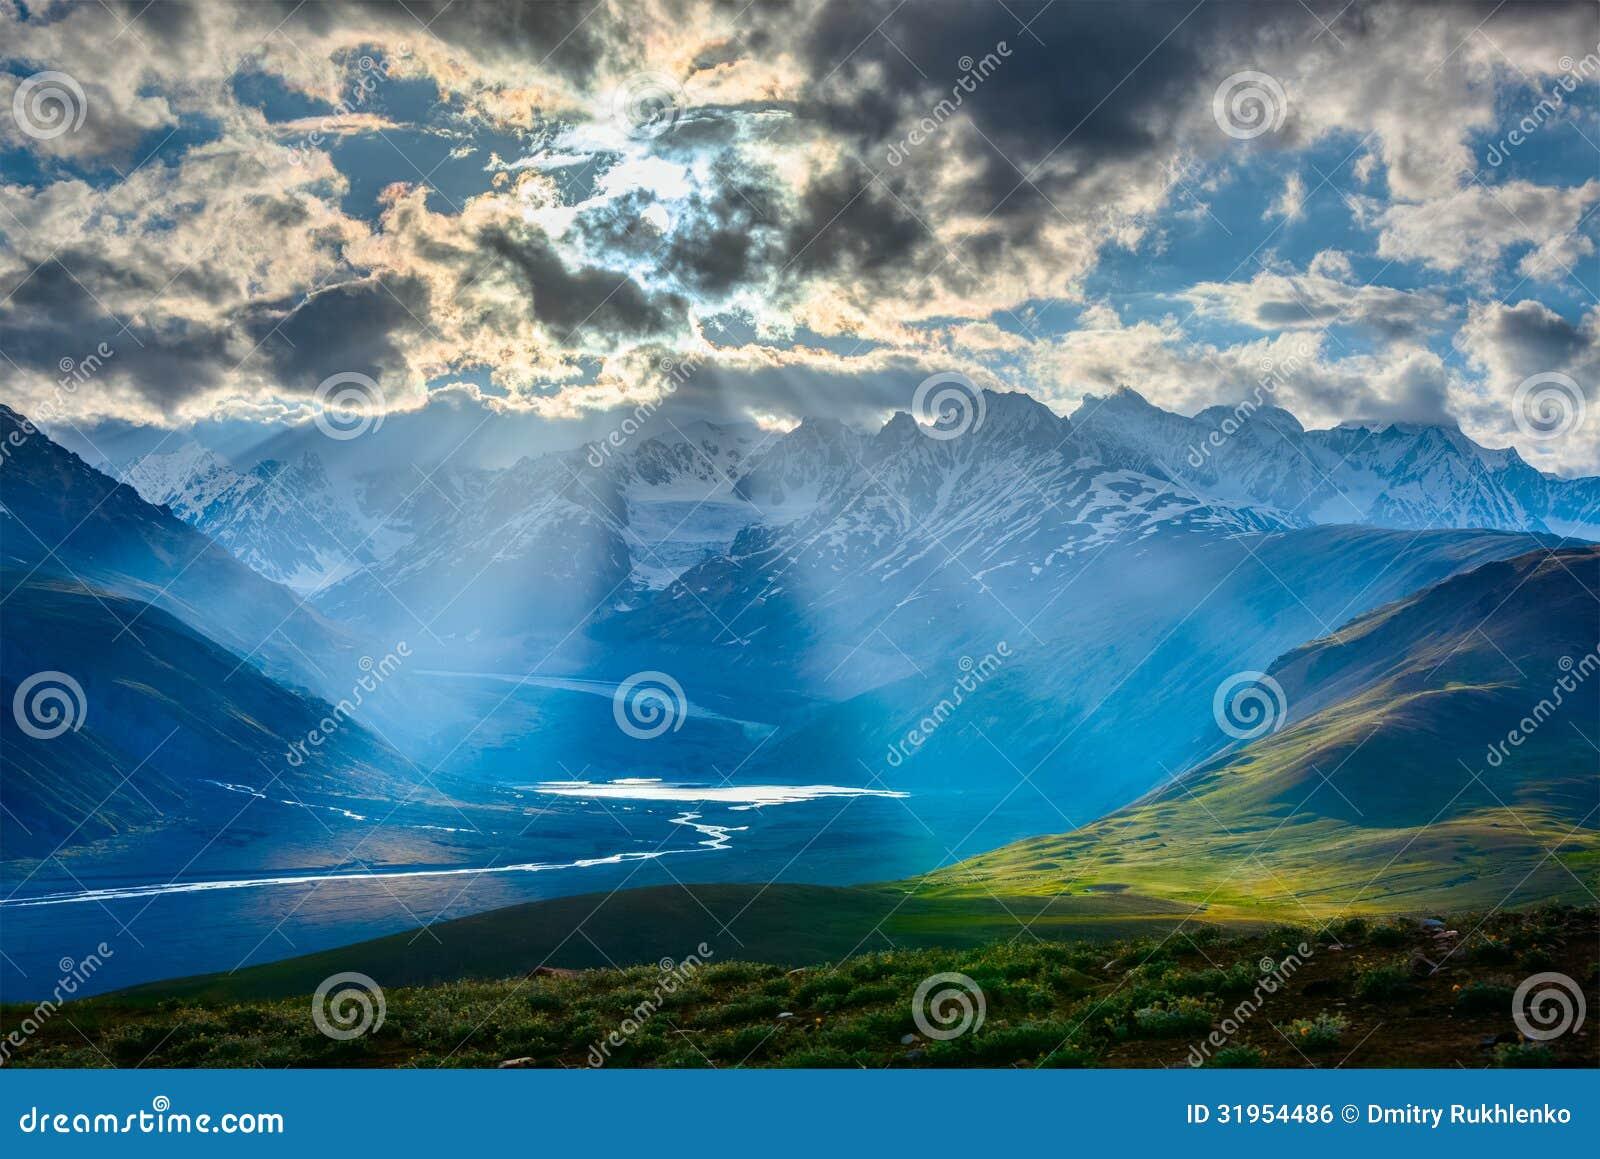 Paisagem Himalaia com montanhas dos Himalayas